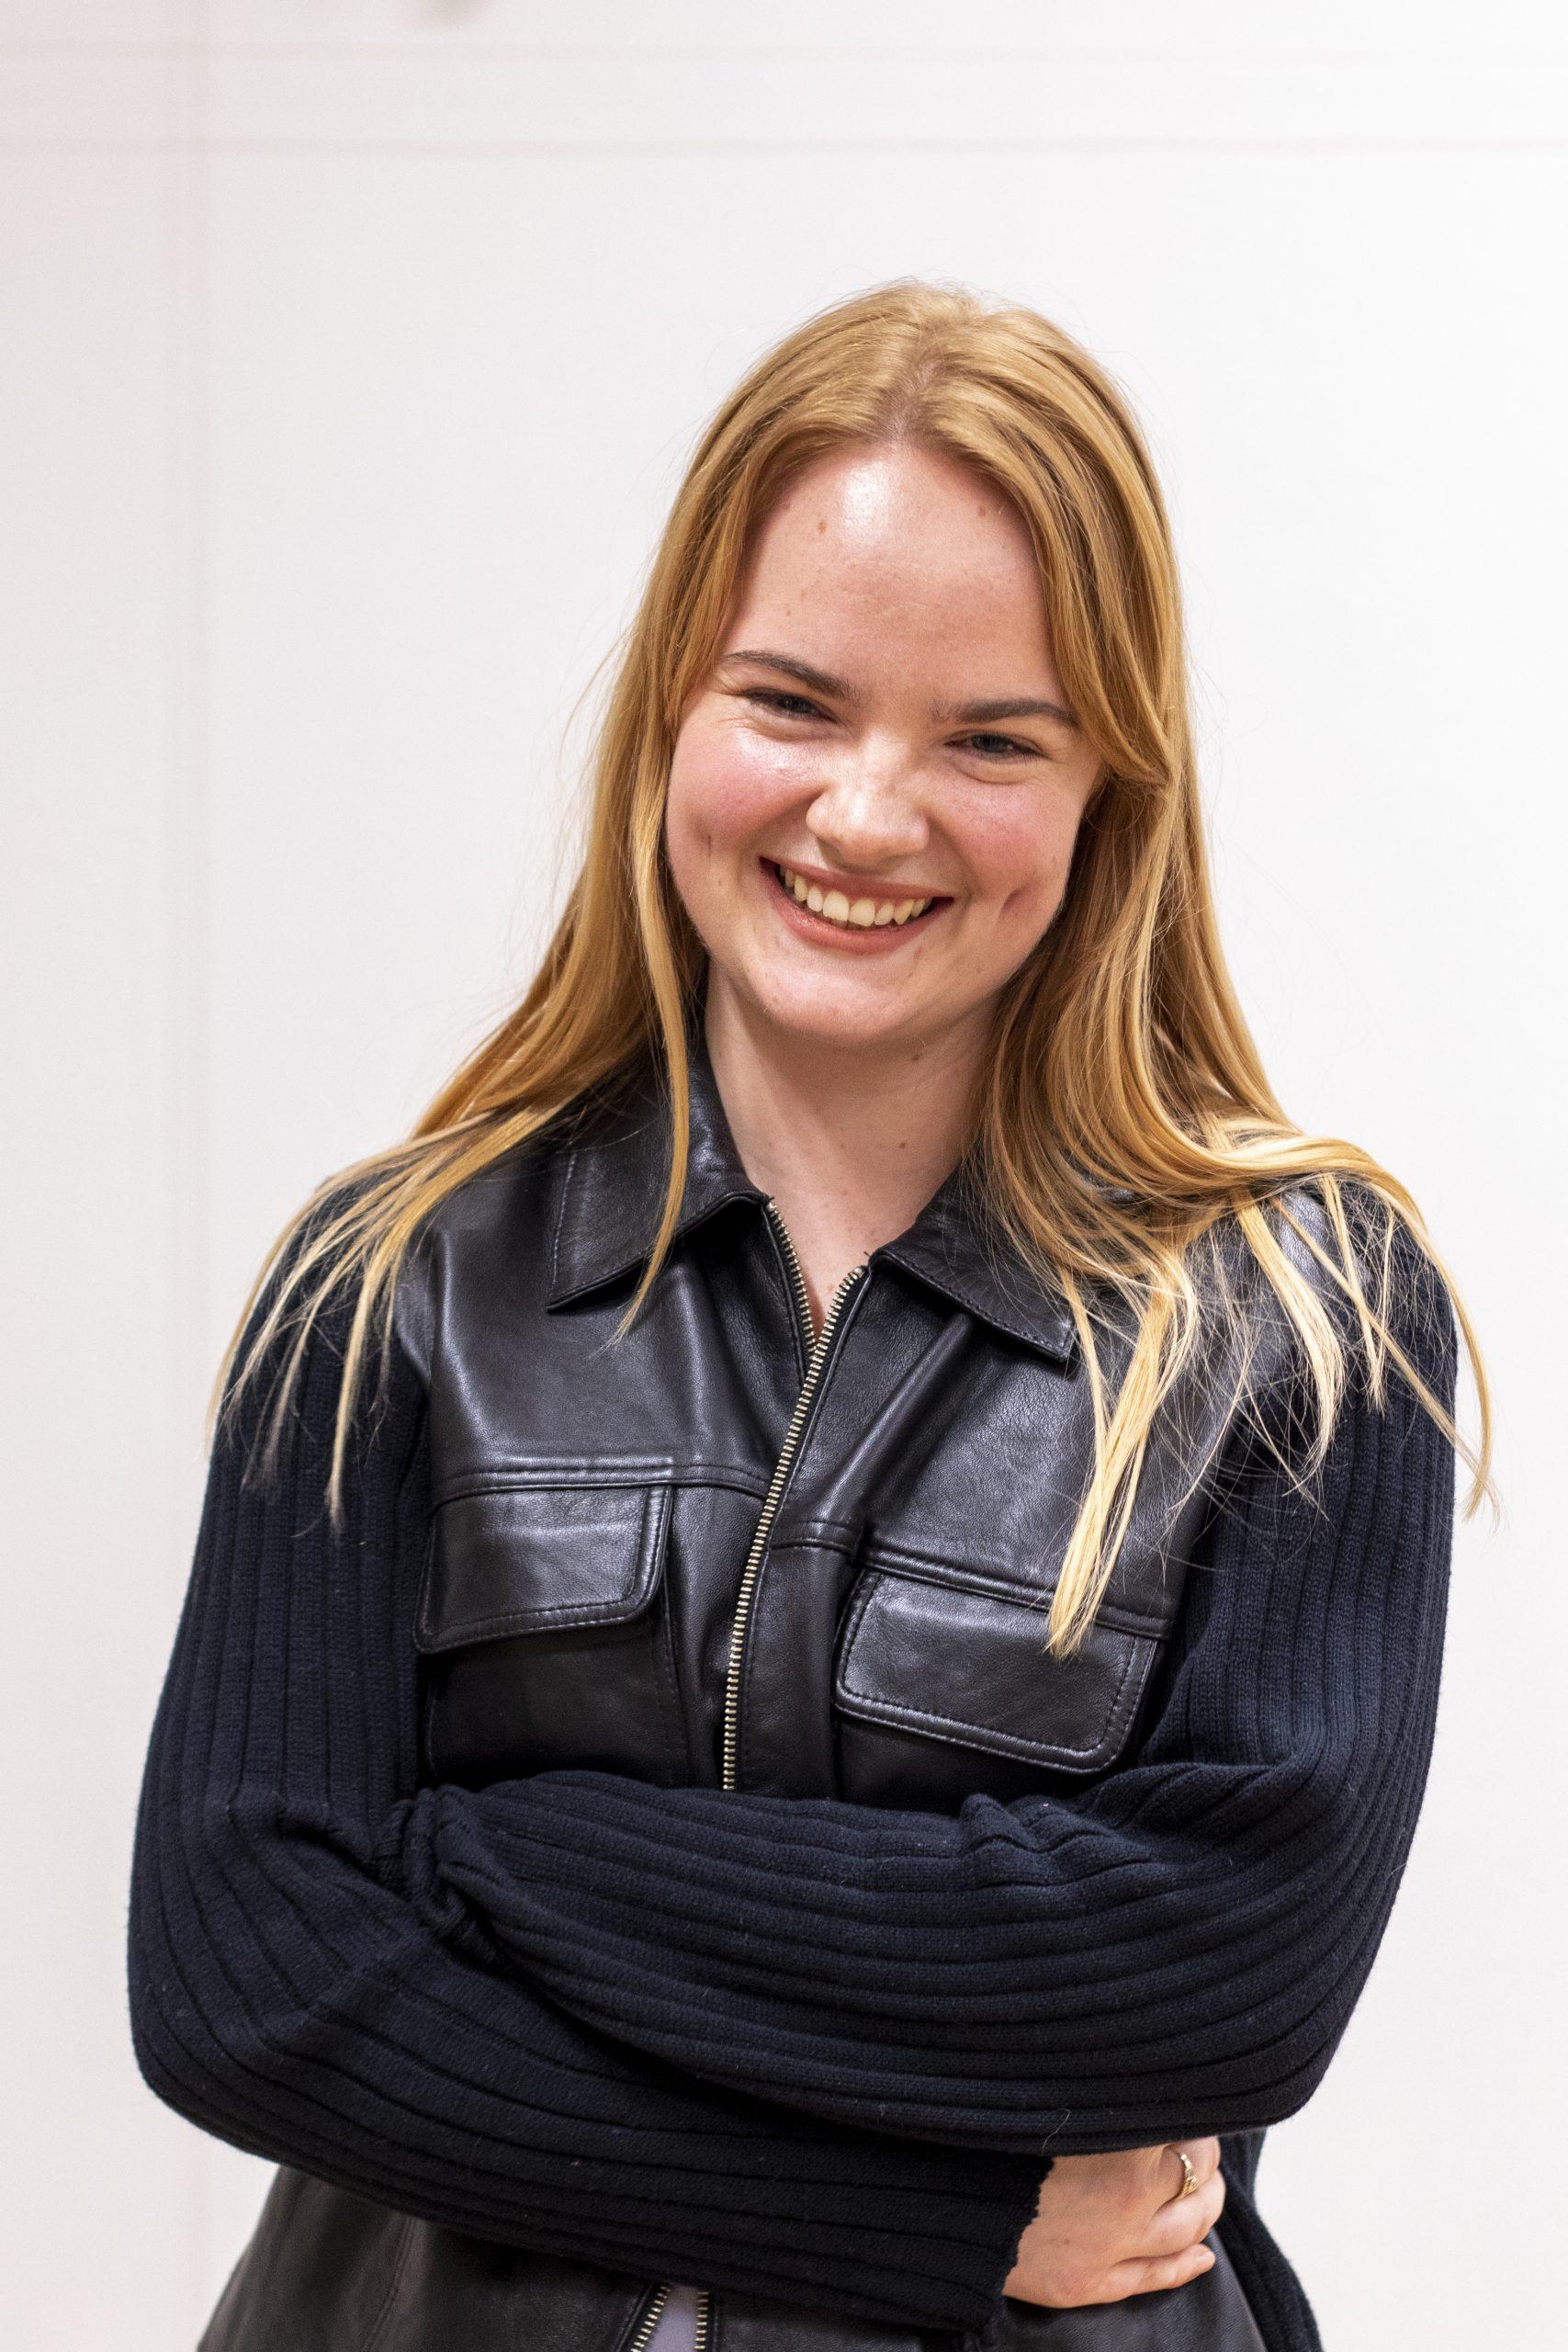 Joline Uvman Kungliga Konsthögskolan, Stockholm, stipendiat 2019